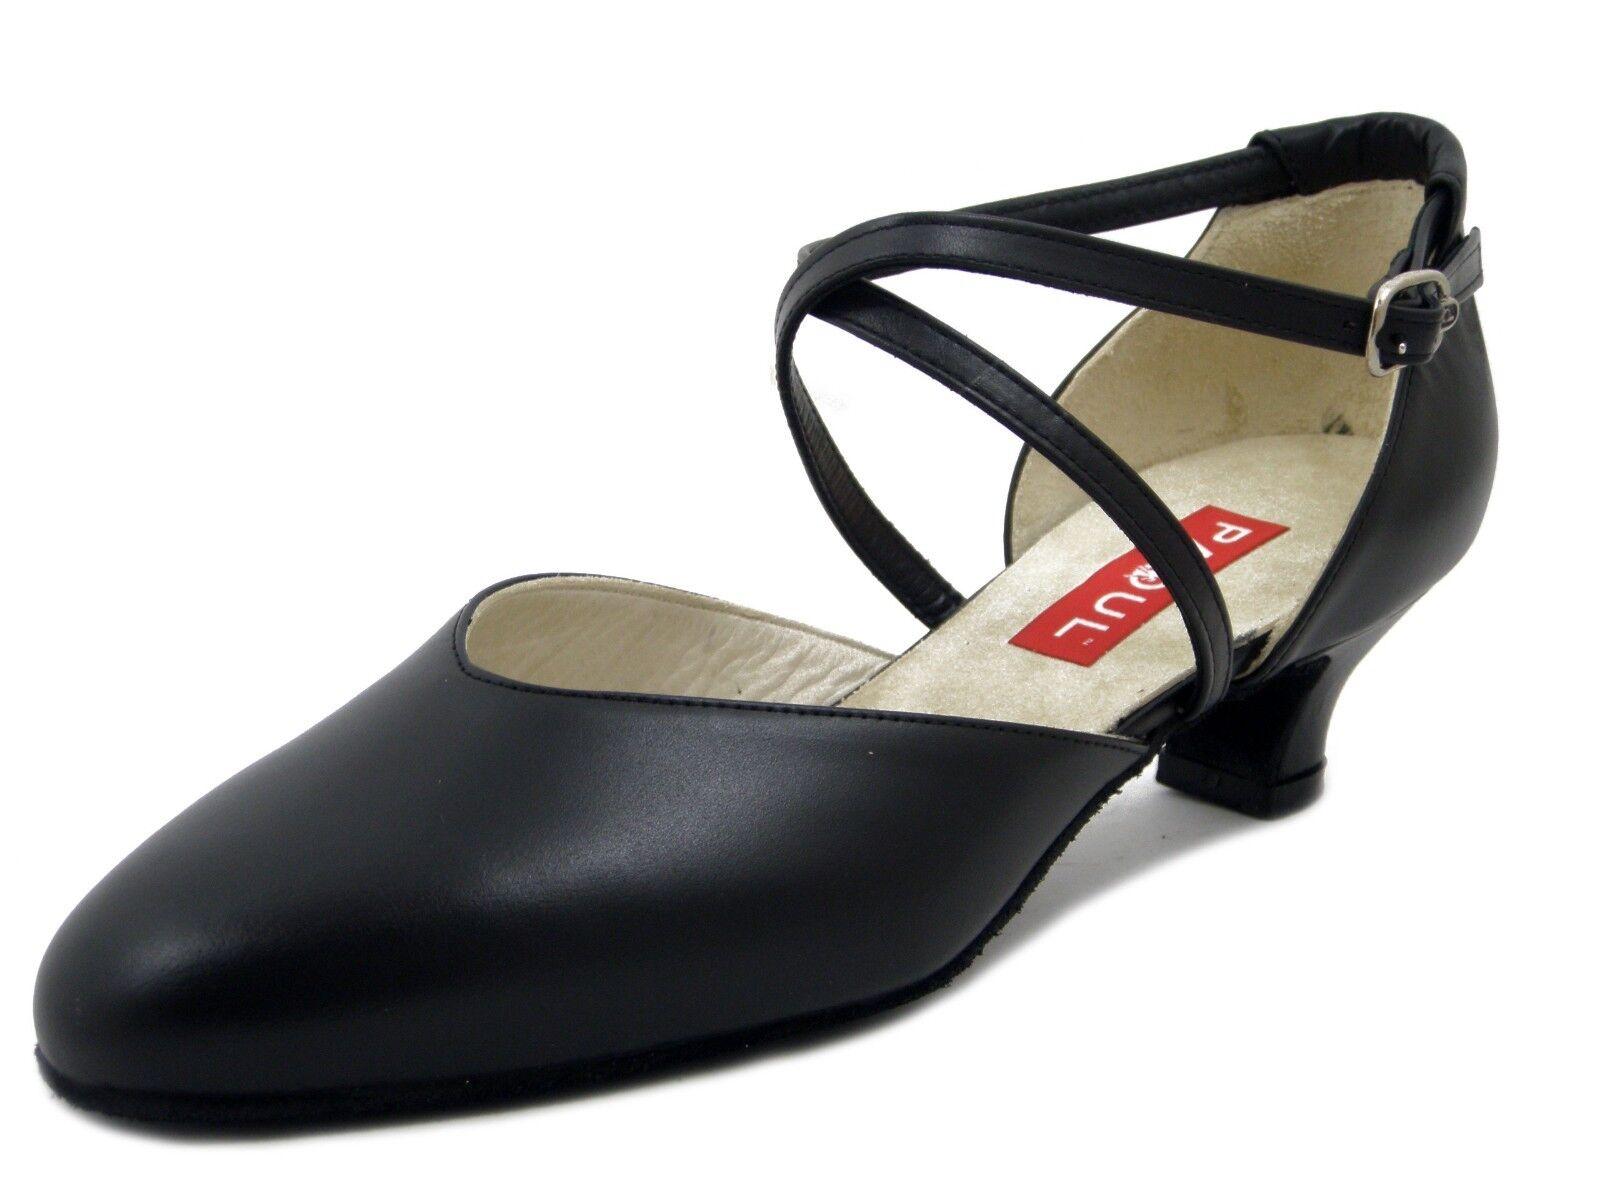 PAOUL Scarpe Donna da Ballo Standard in Pelle Nero Tacco Basso 4 cm 18T40